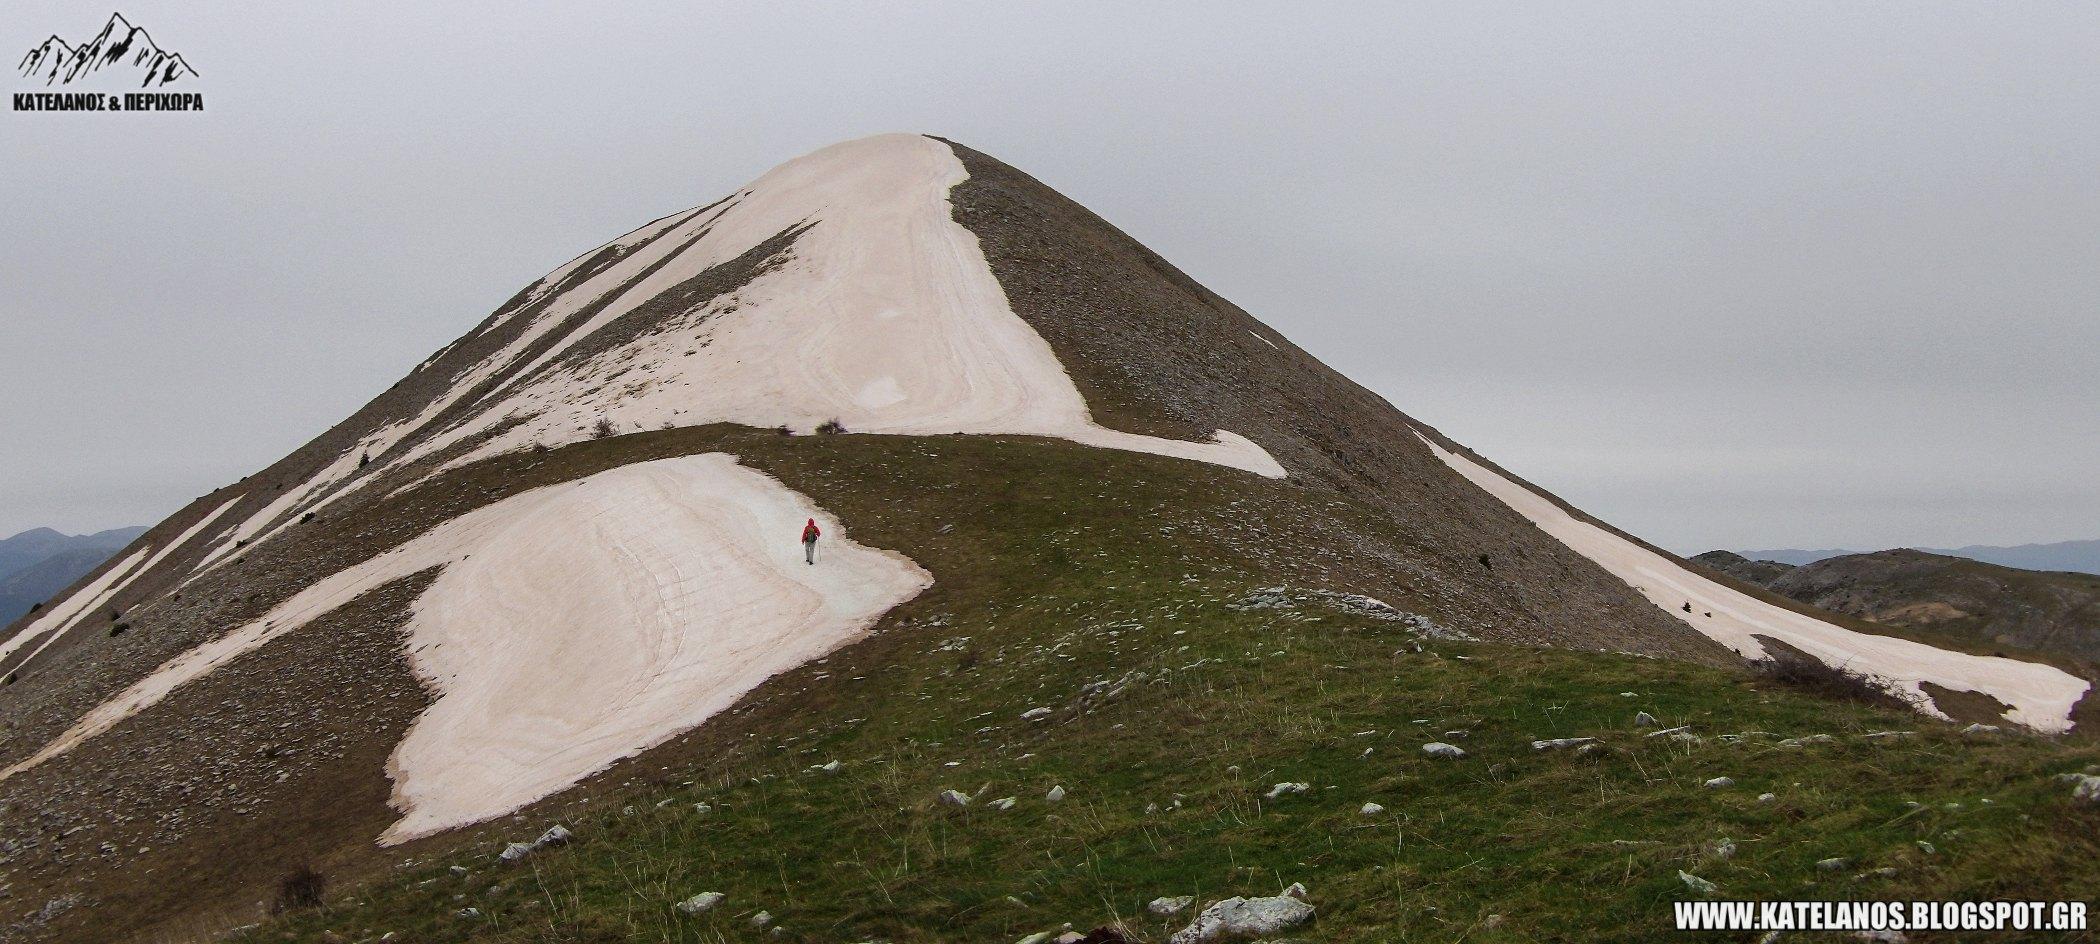 ανοιξη στο παναιτωλικο ορος κορυφη τριανταφυλλια χιονουρες